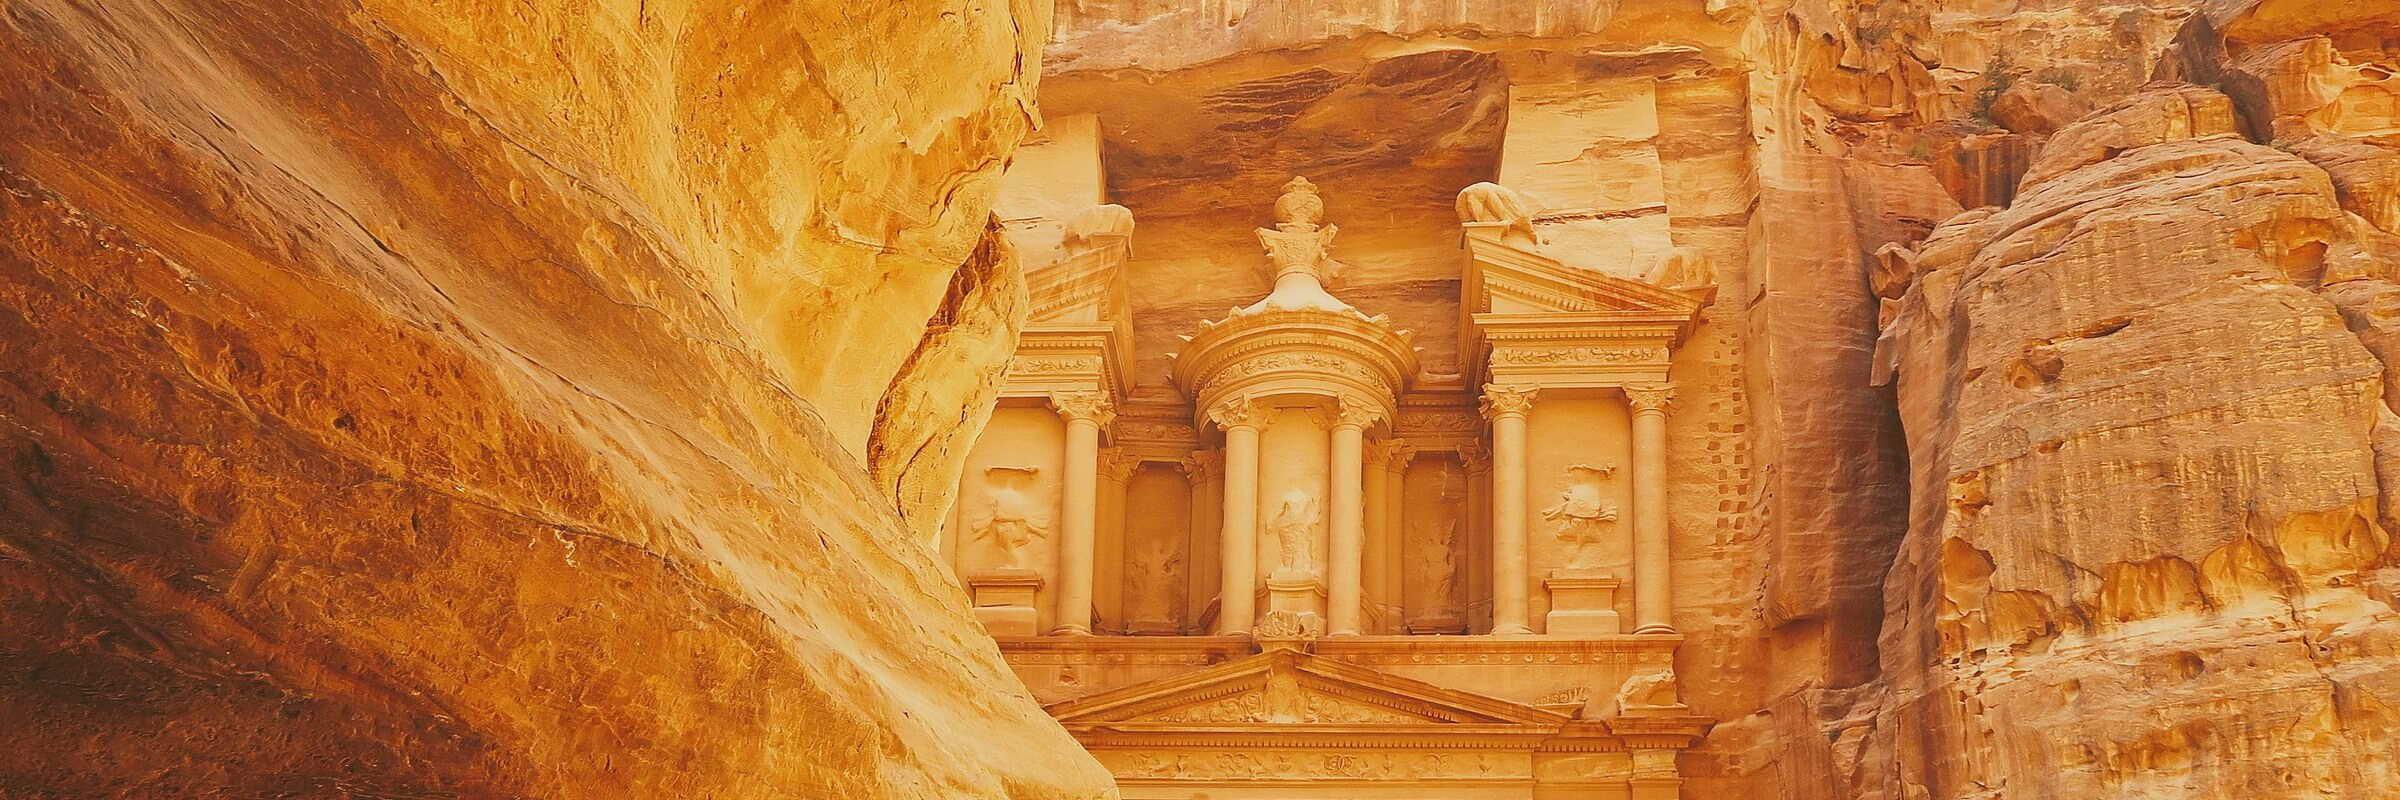 Das Schatzhaus in der Felsenstadt ist wohl die berühmteste Sehenswürdigkeit auf einer Jordanien Rundreise.